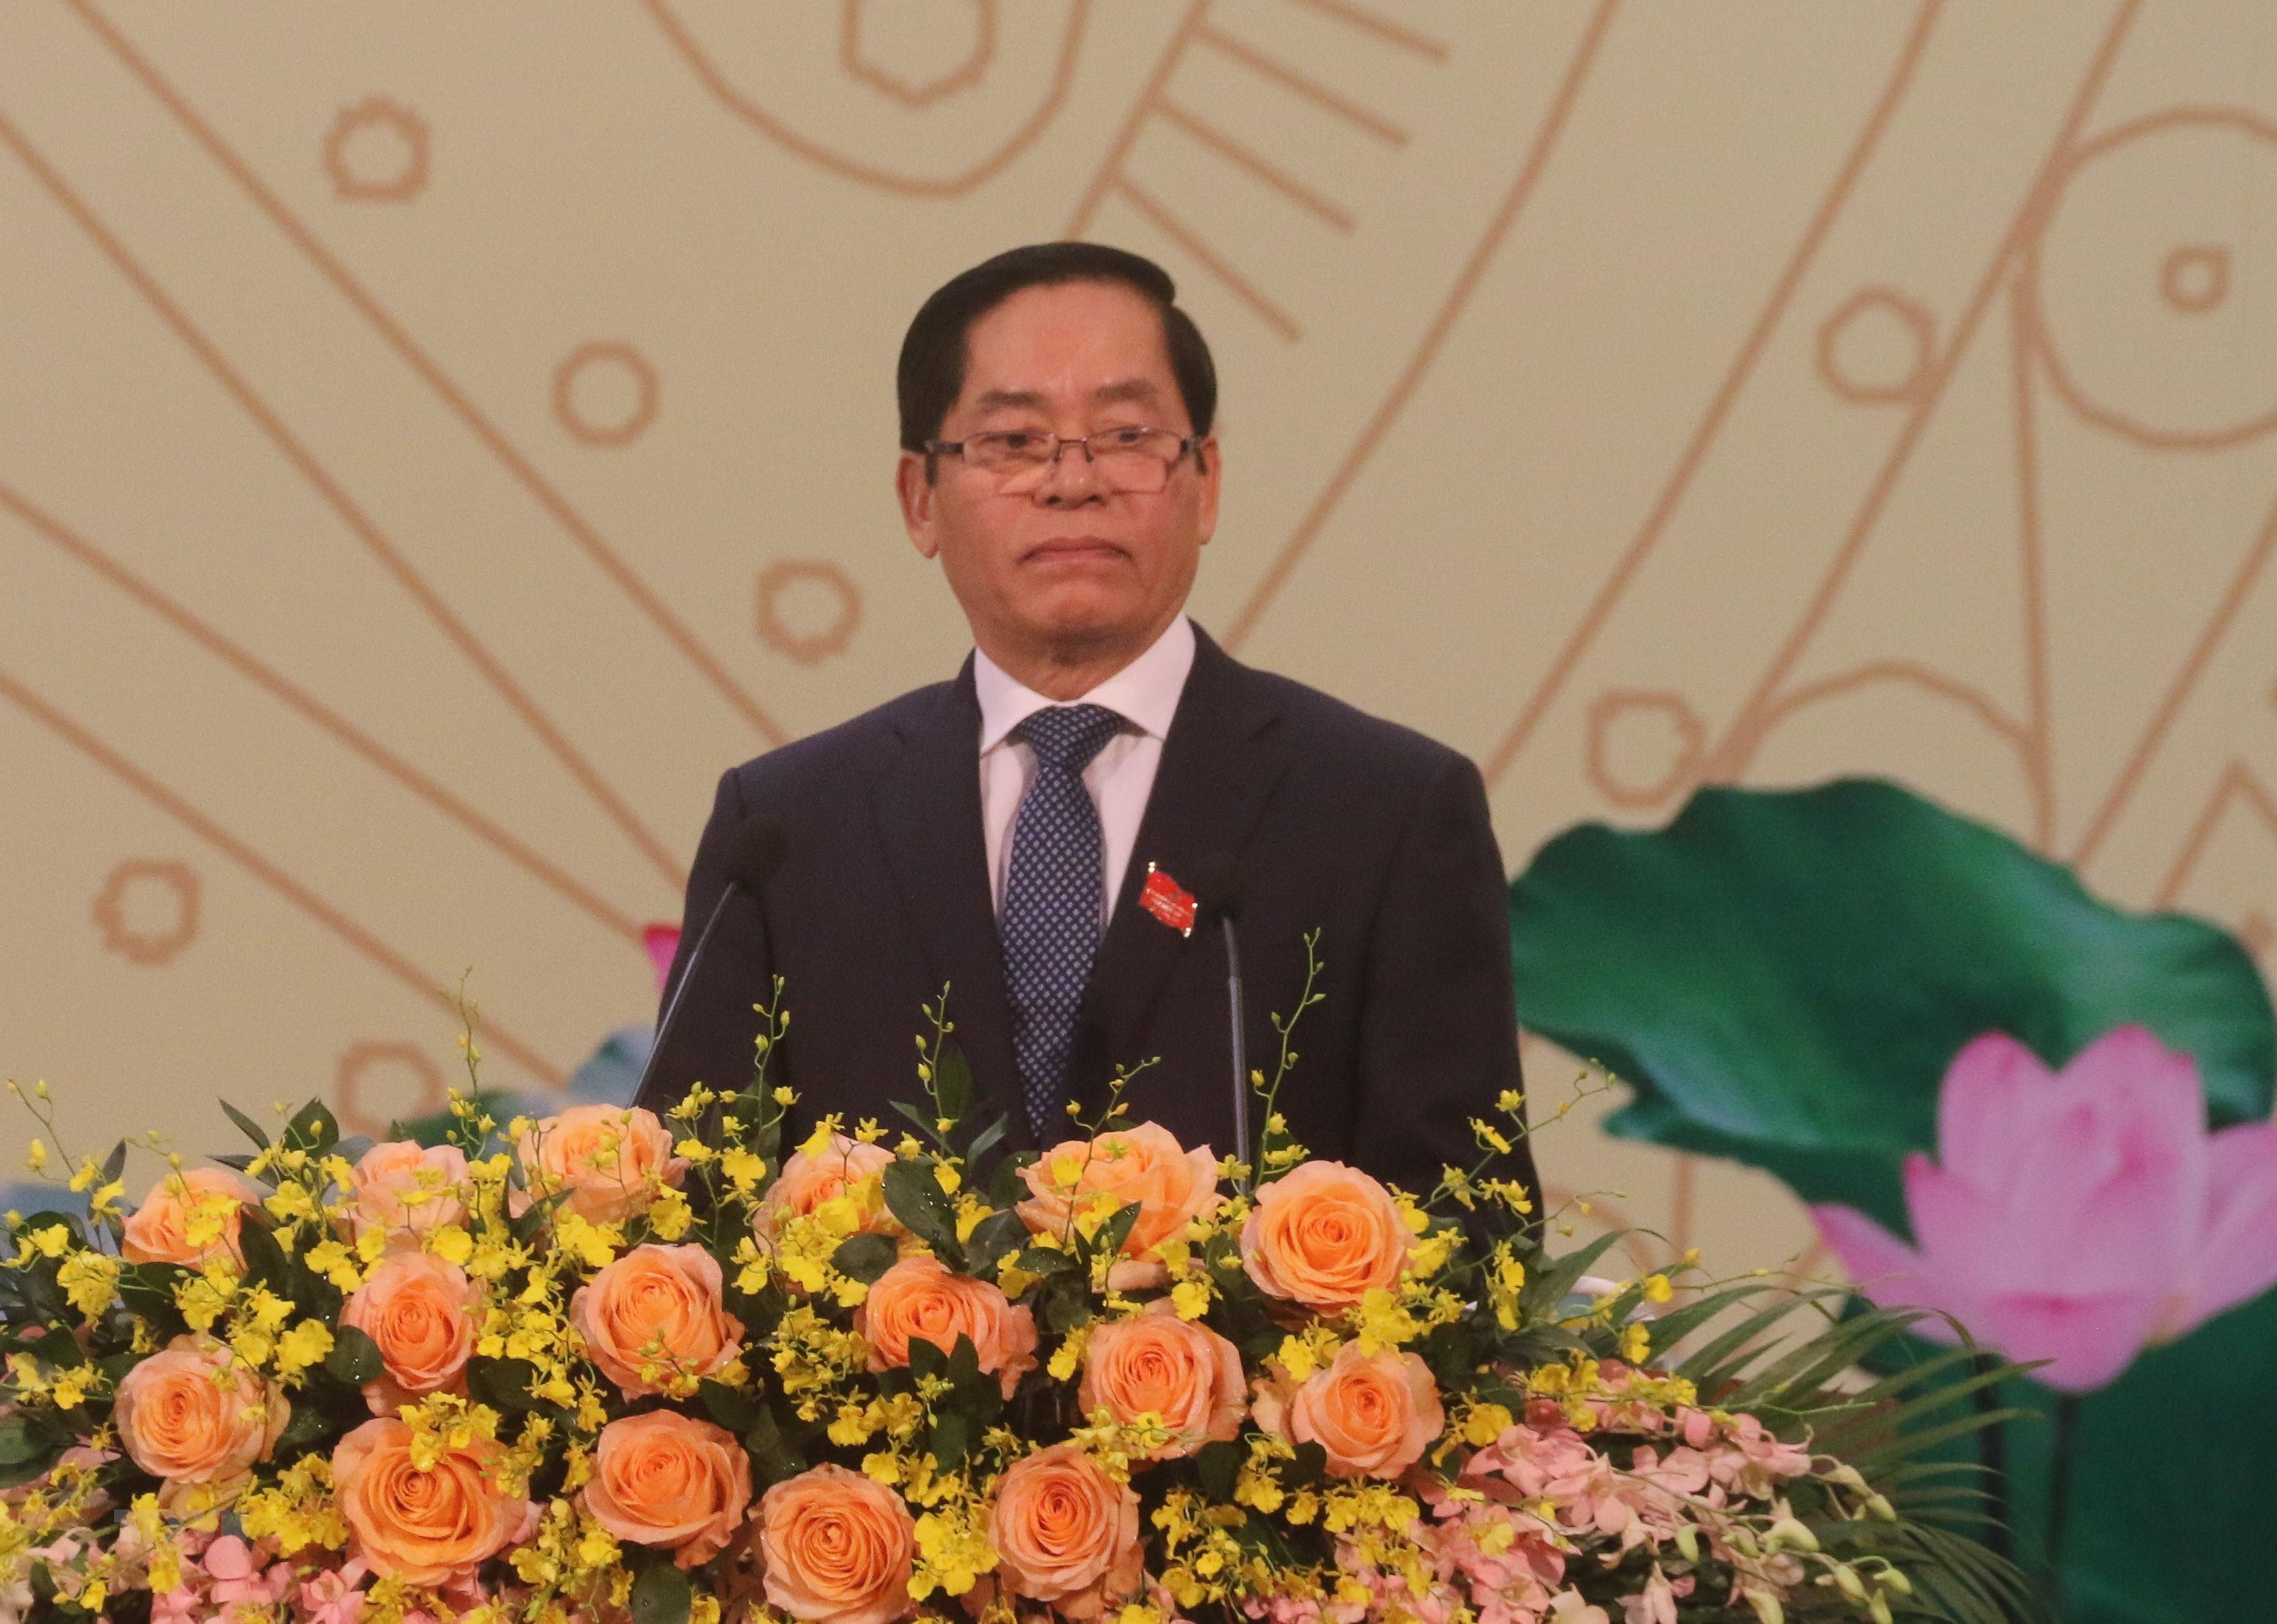 Ong Pham Viet Thanh duoc bau lam Chu tich HDND tinh Ba Ria-Vung Tau hinh anh 1